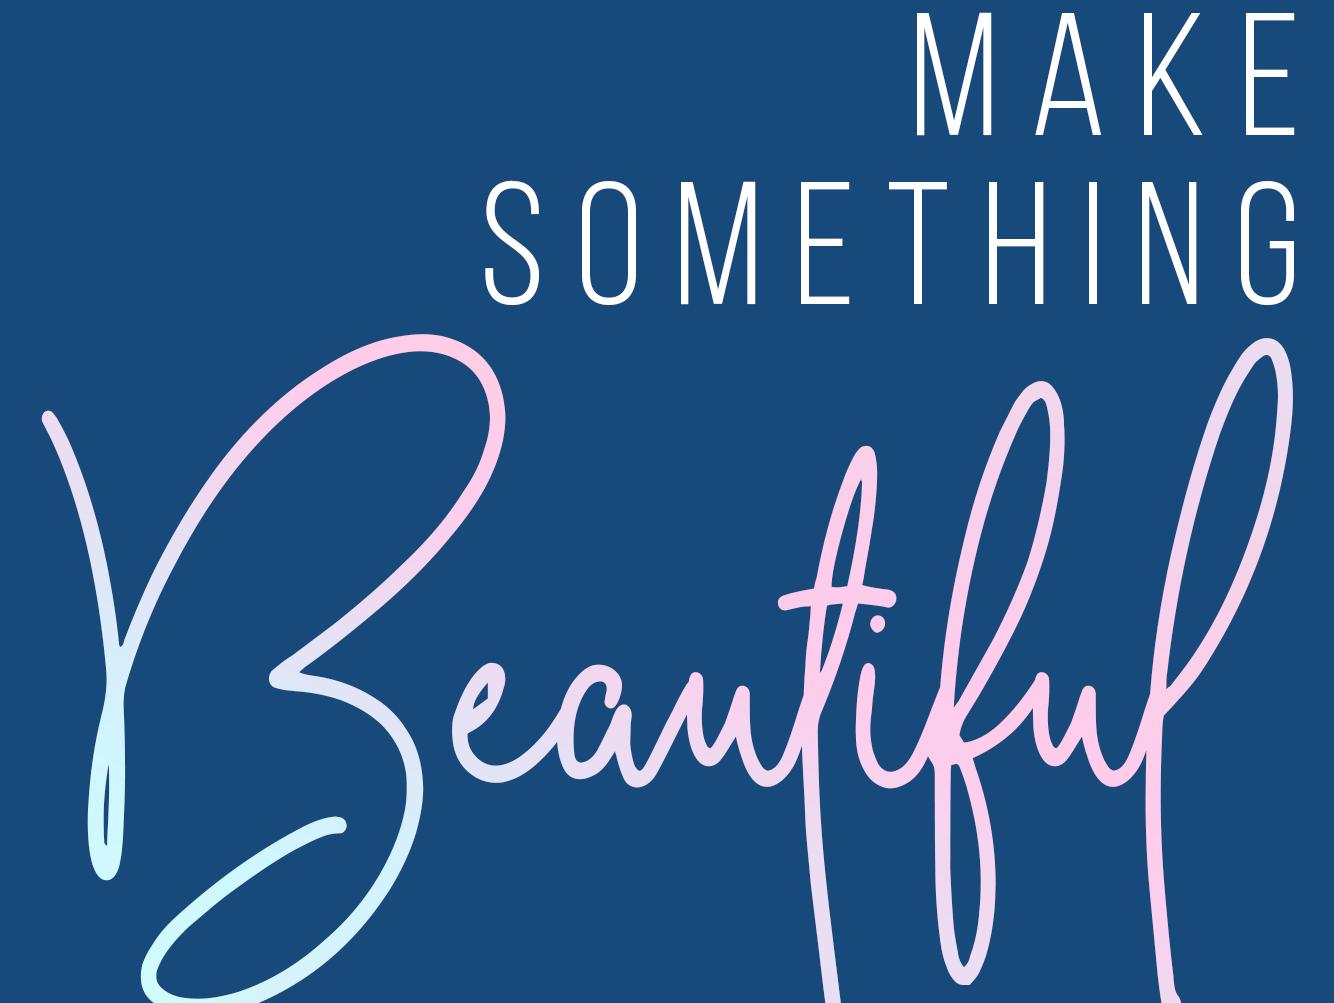 Make Something Beautiful